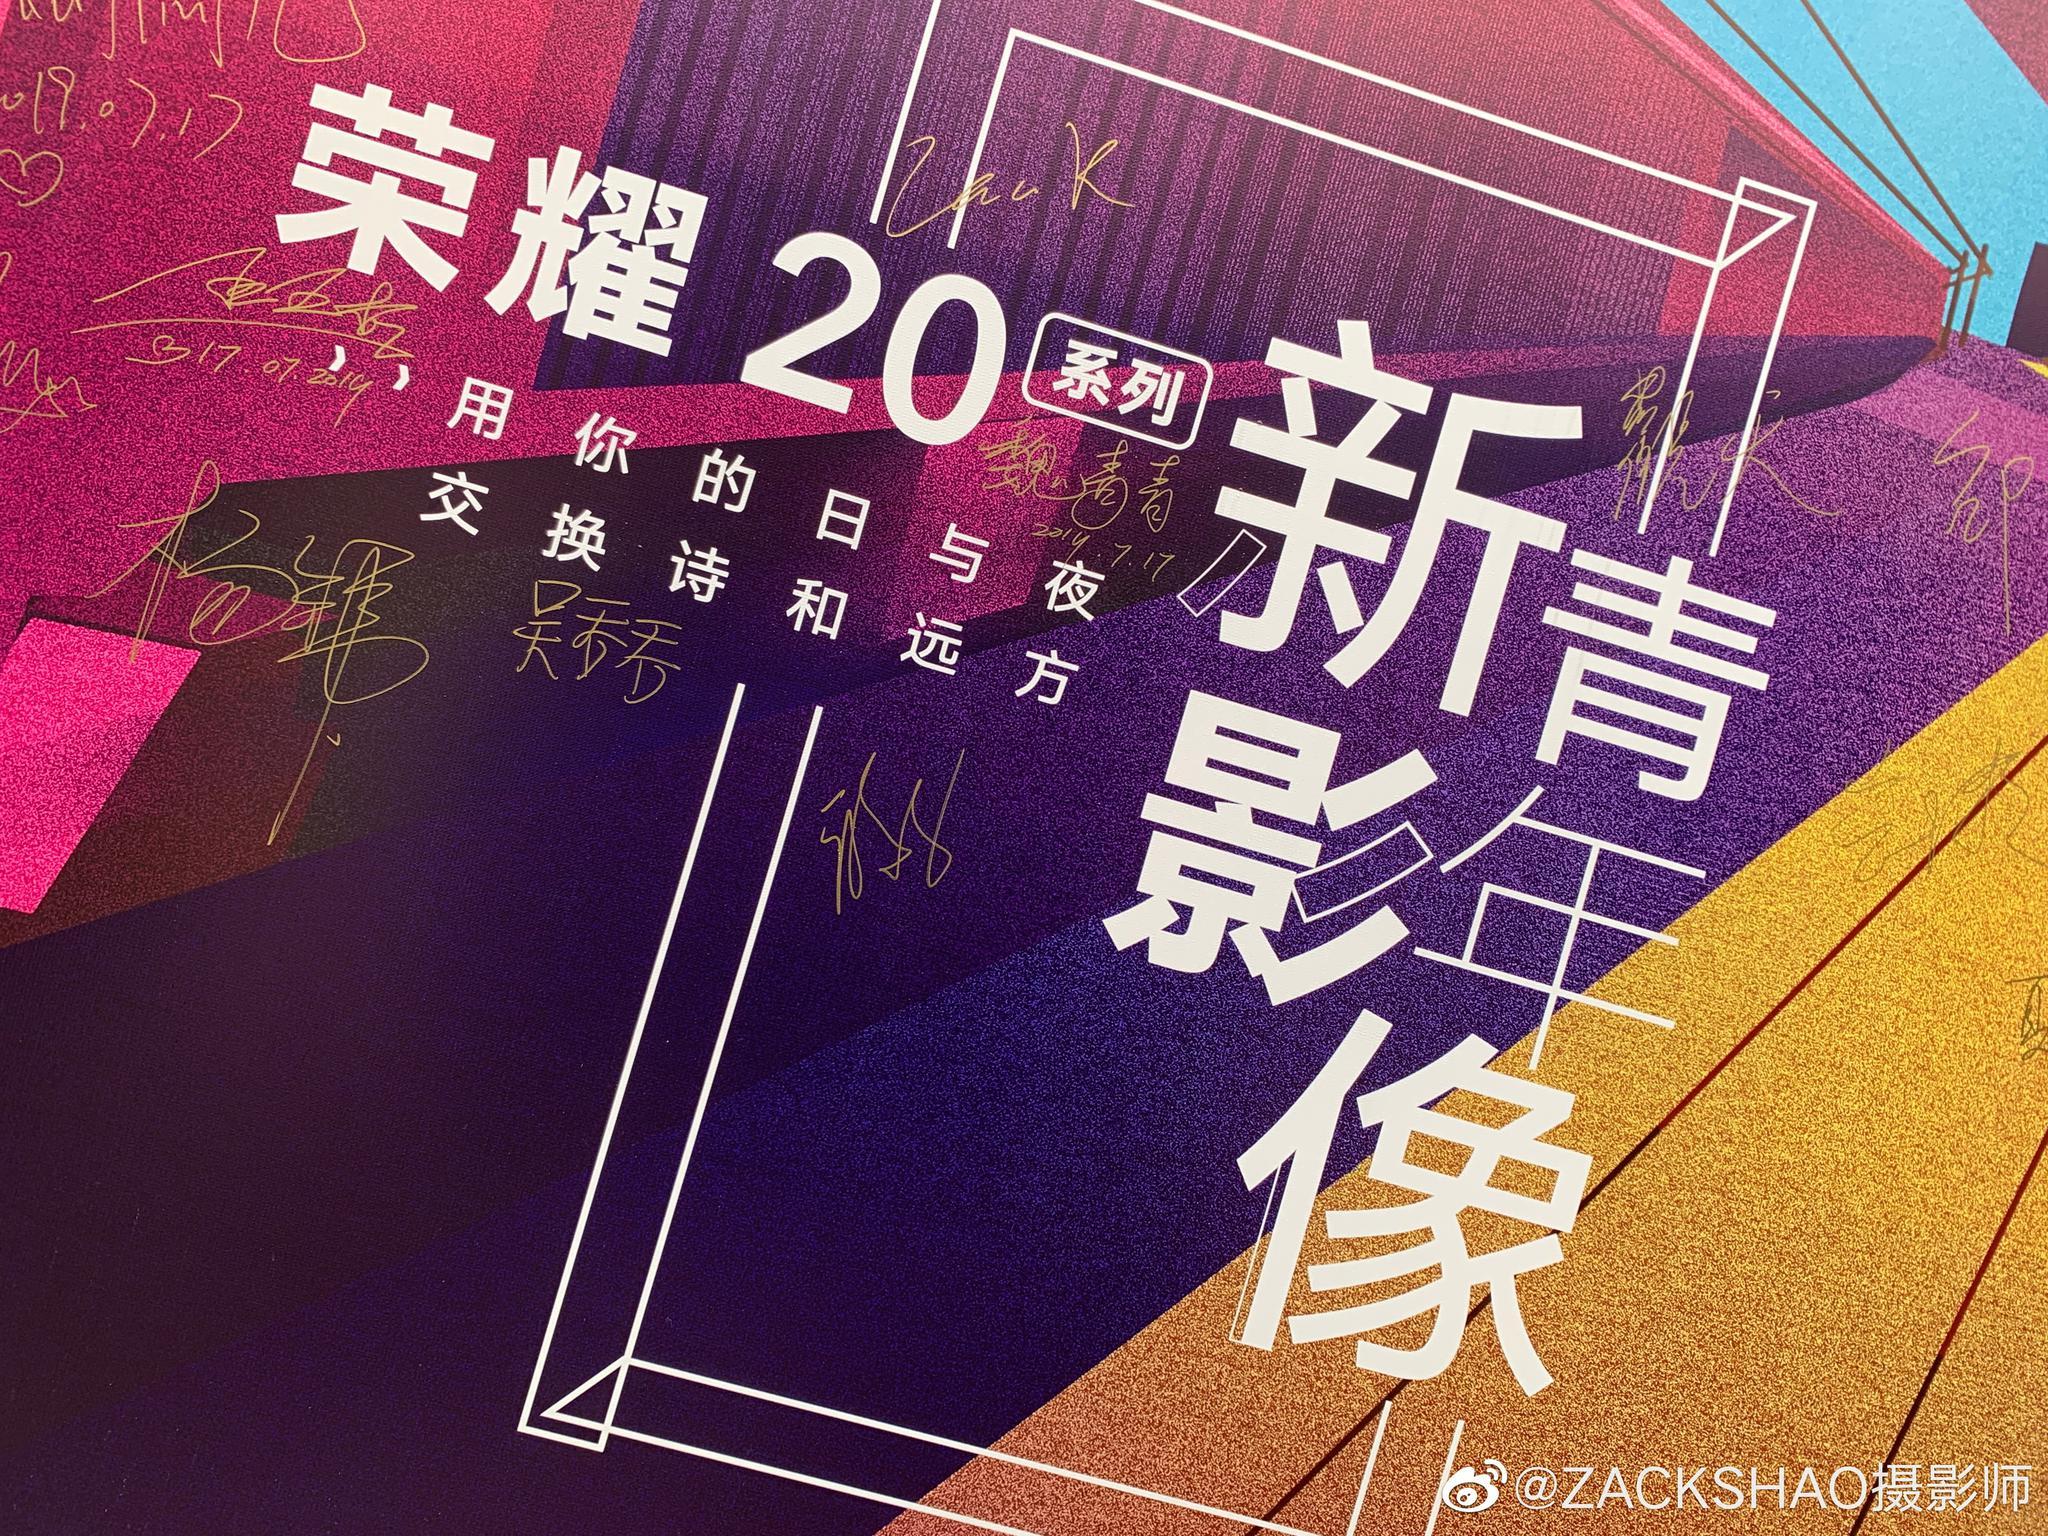 """""""荣耀20系列 · 新青年日与夜影像沙龙""""在北京玉河一号圆满落幕"""